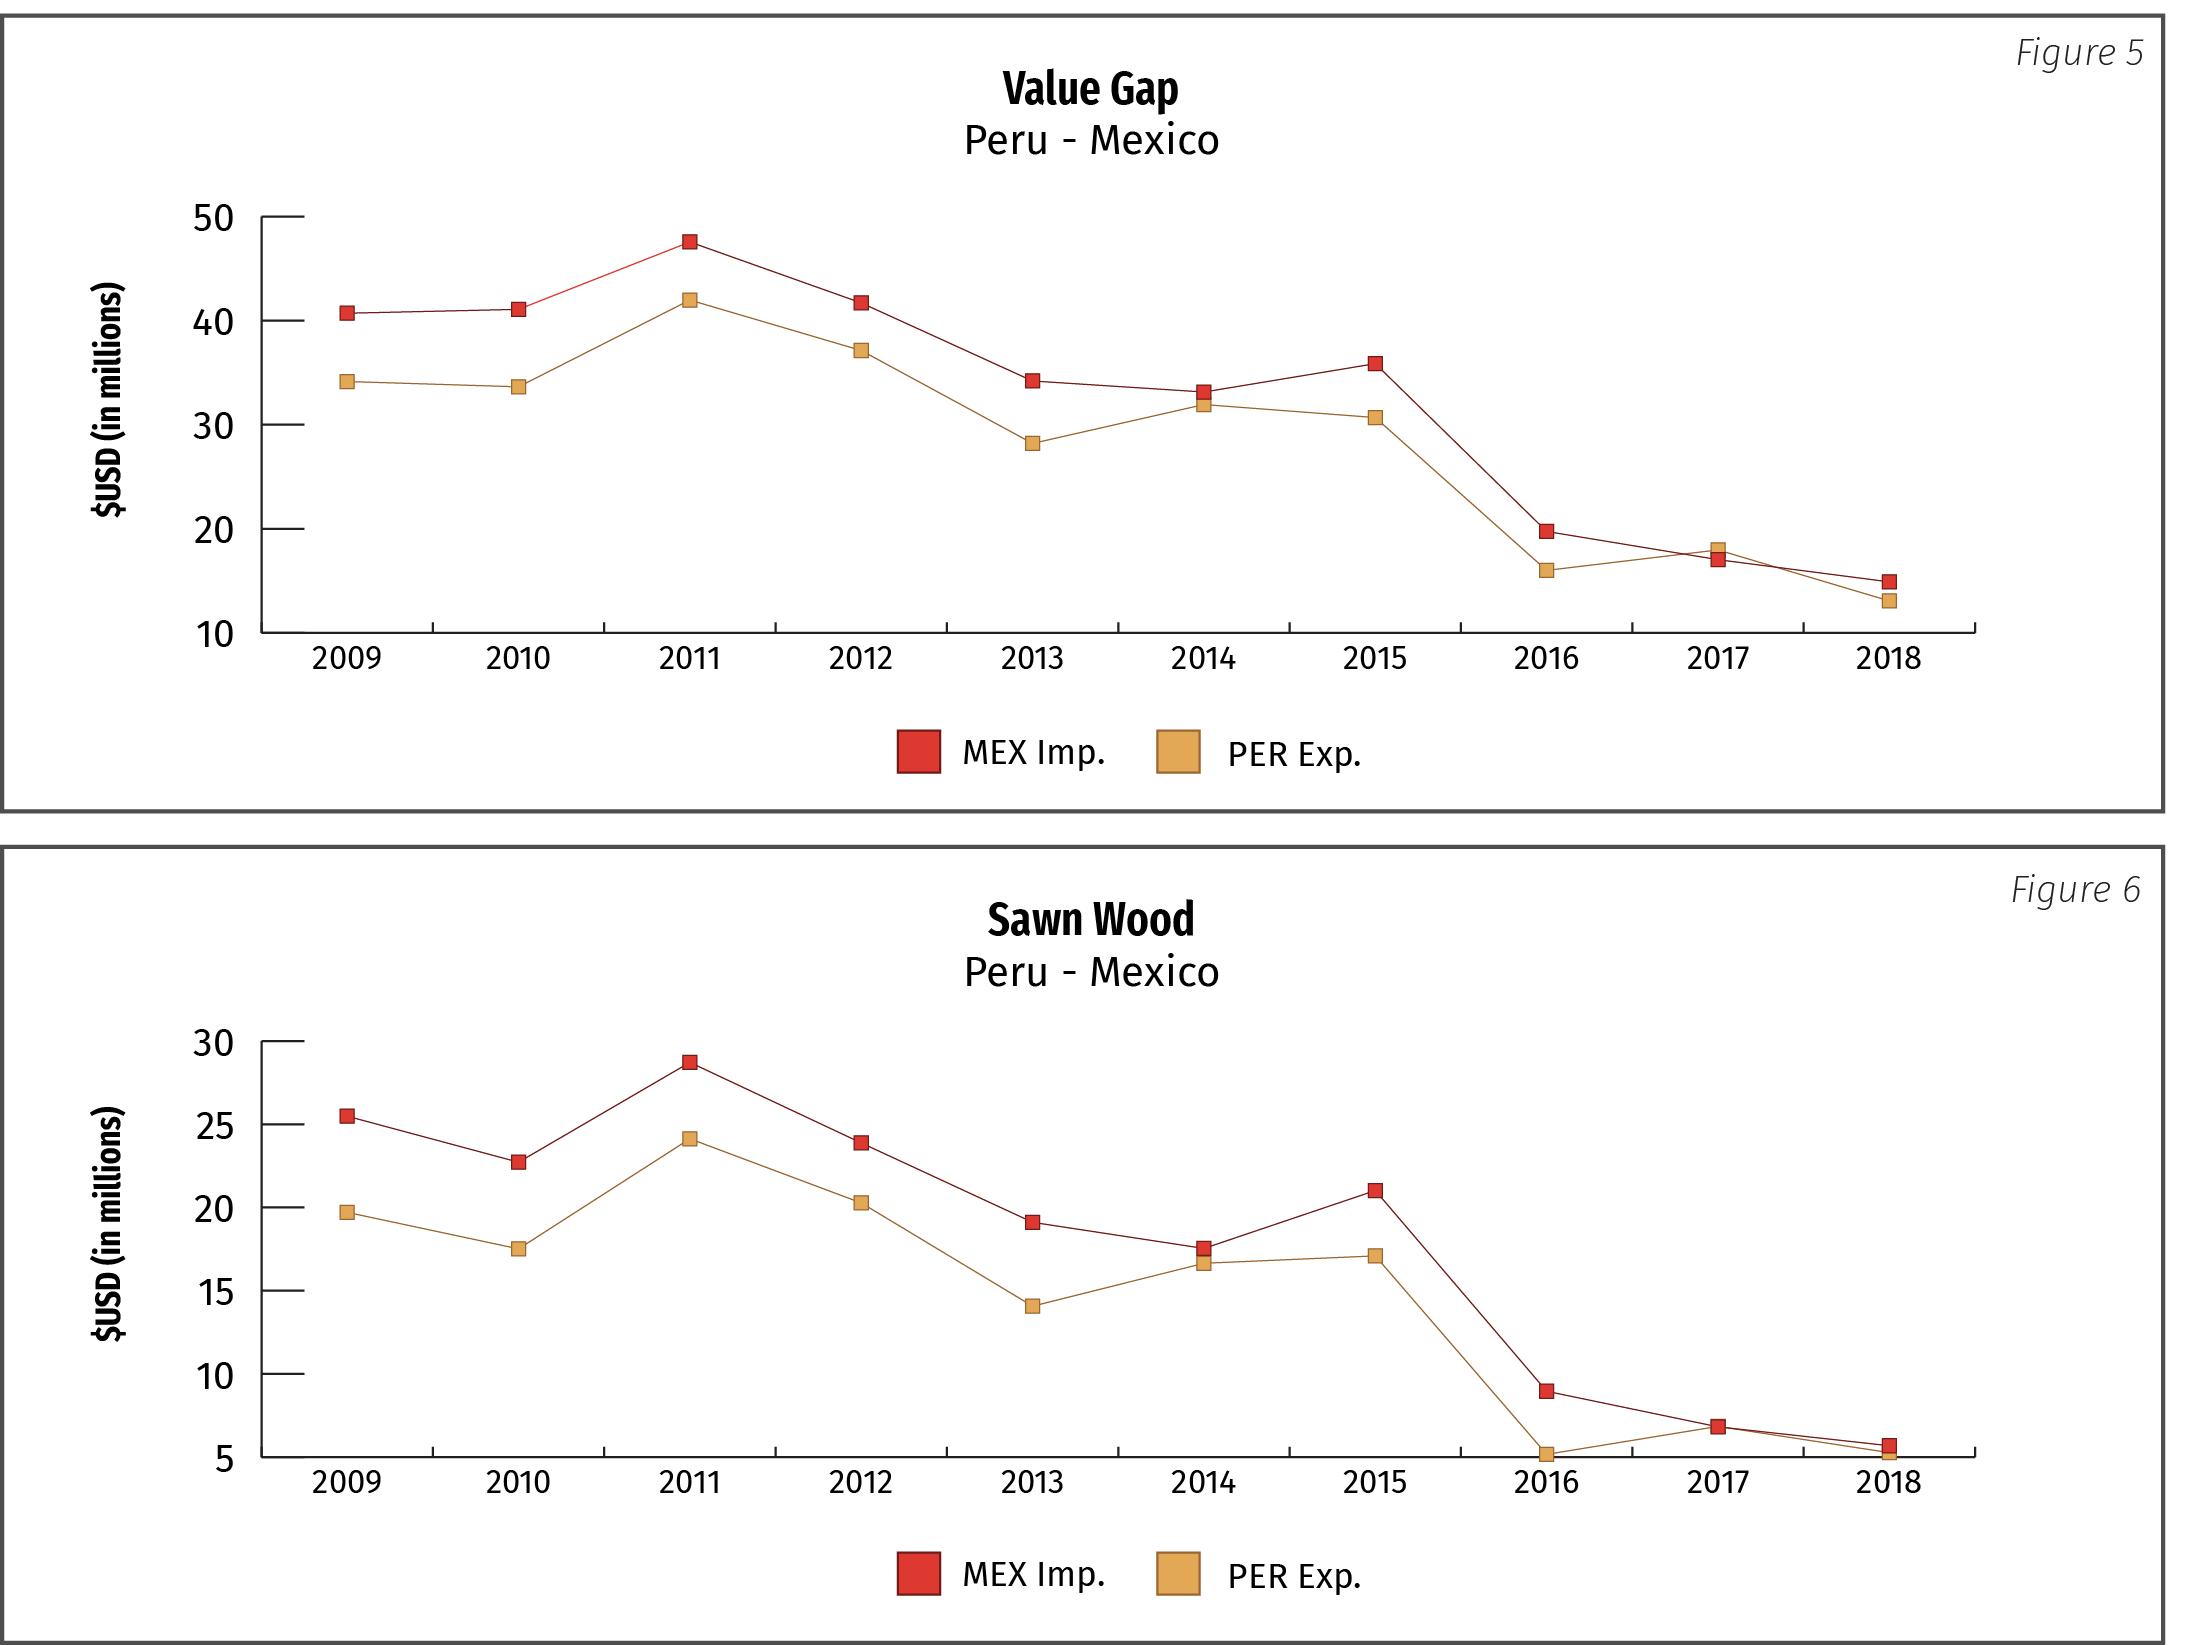 Figure 5: Value Gap Peru-Mexico; Figure 6: Sawn Wood Peru-Mexico